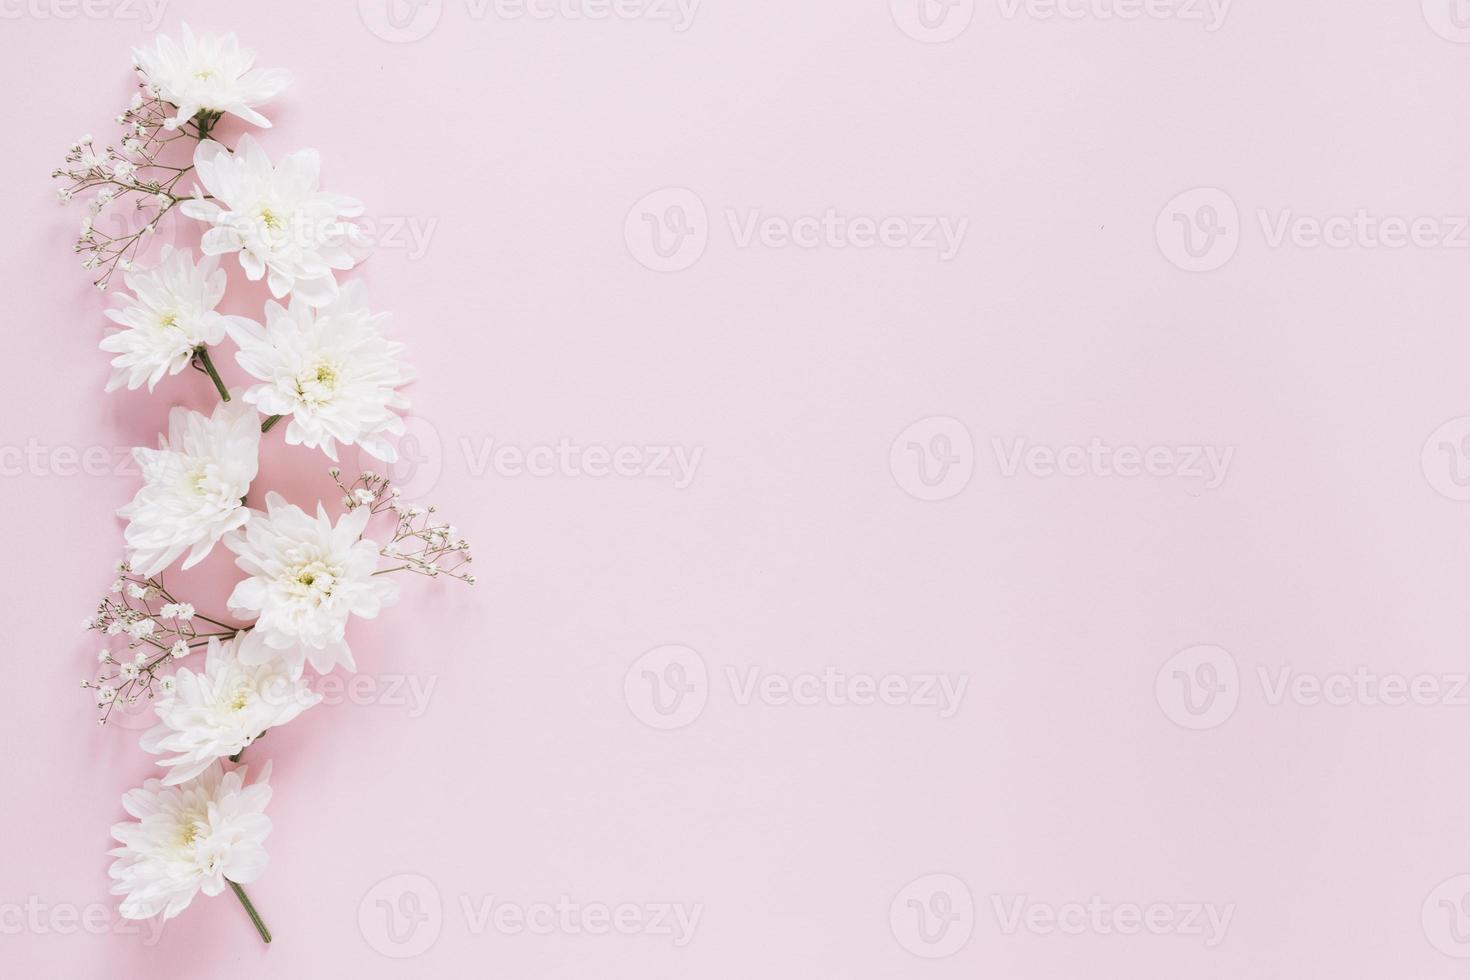 roze bloemen achtergrond foto